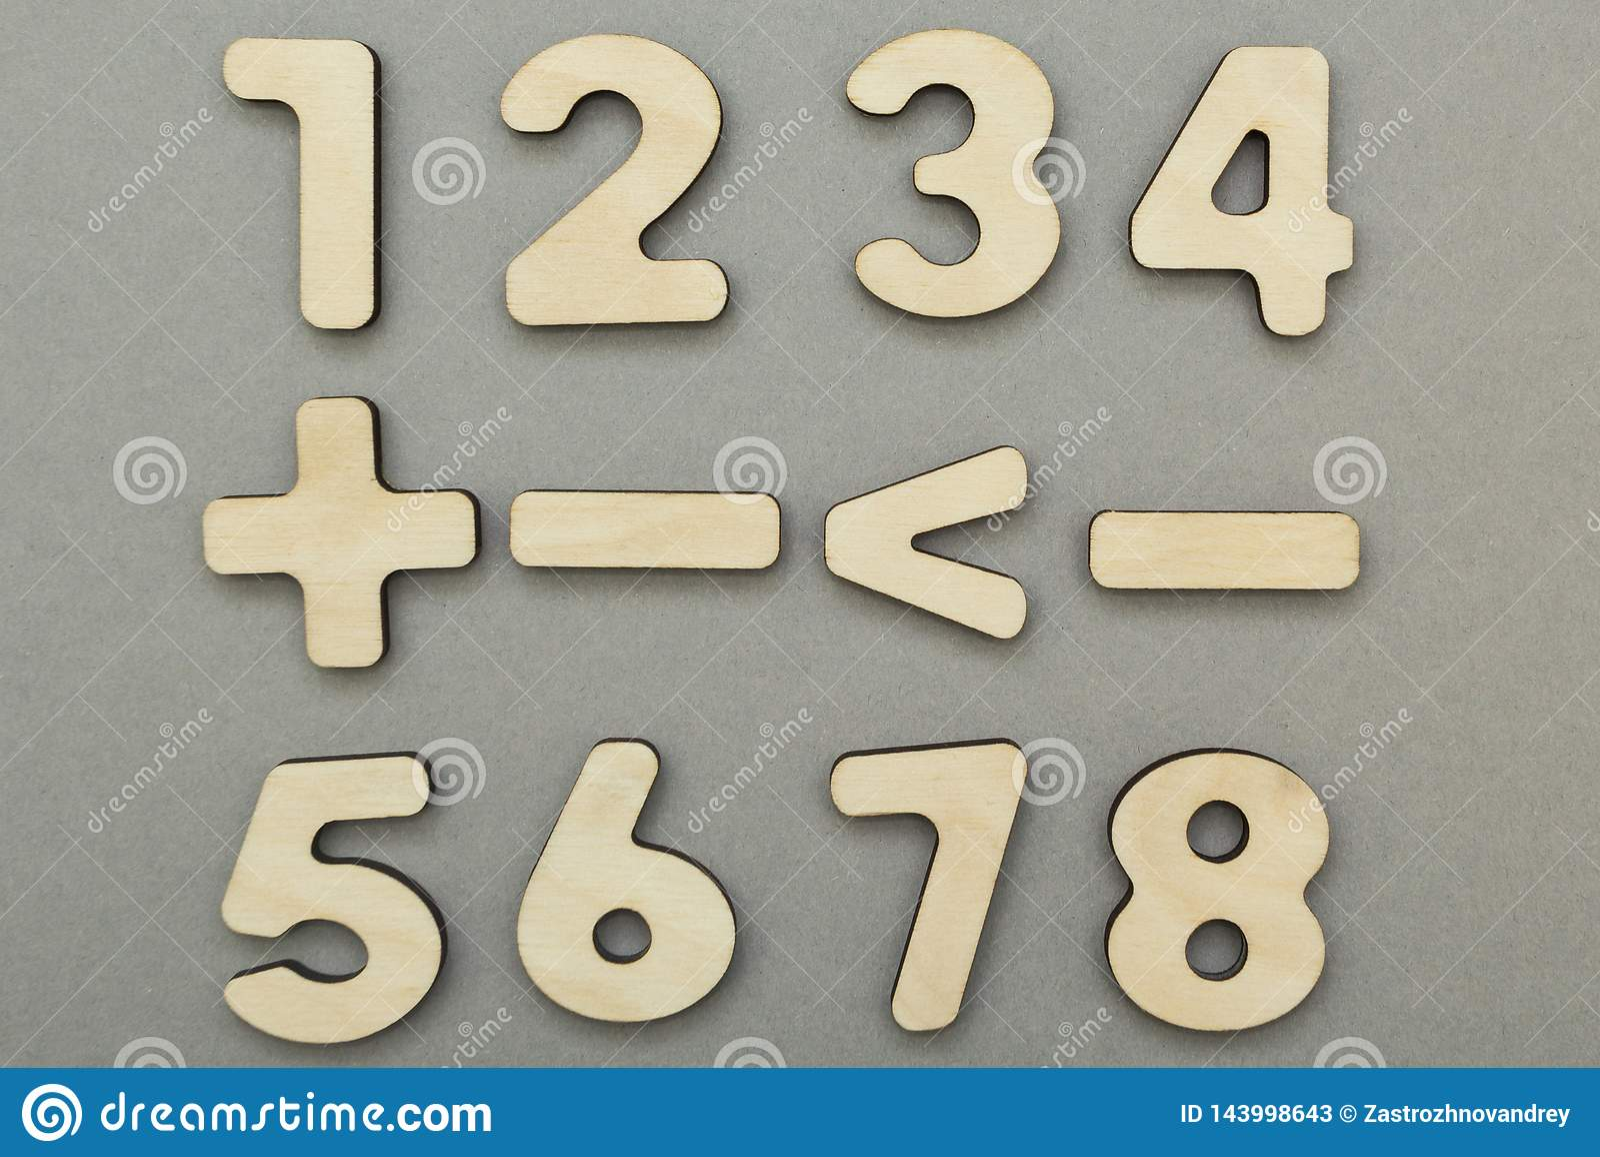 Matematycznie znaki i postacie na szarym tle